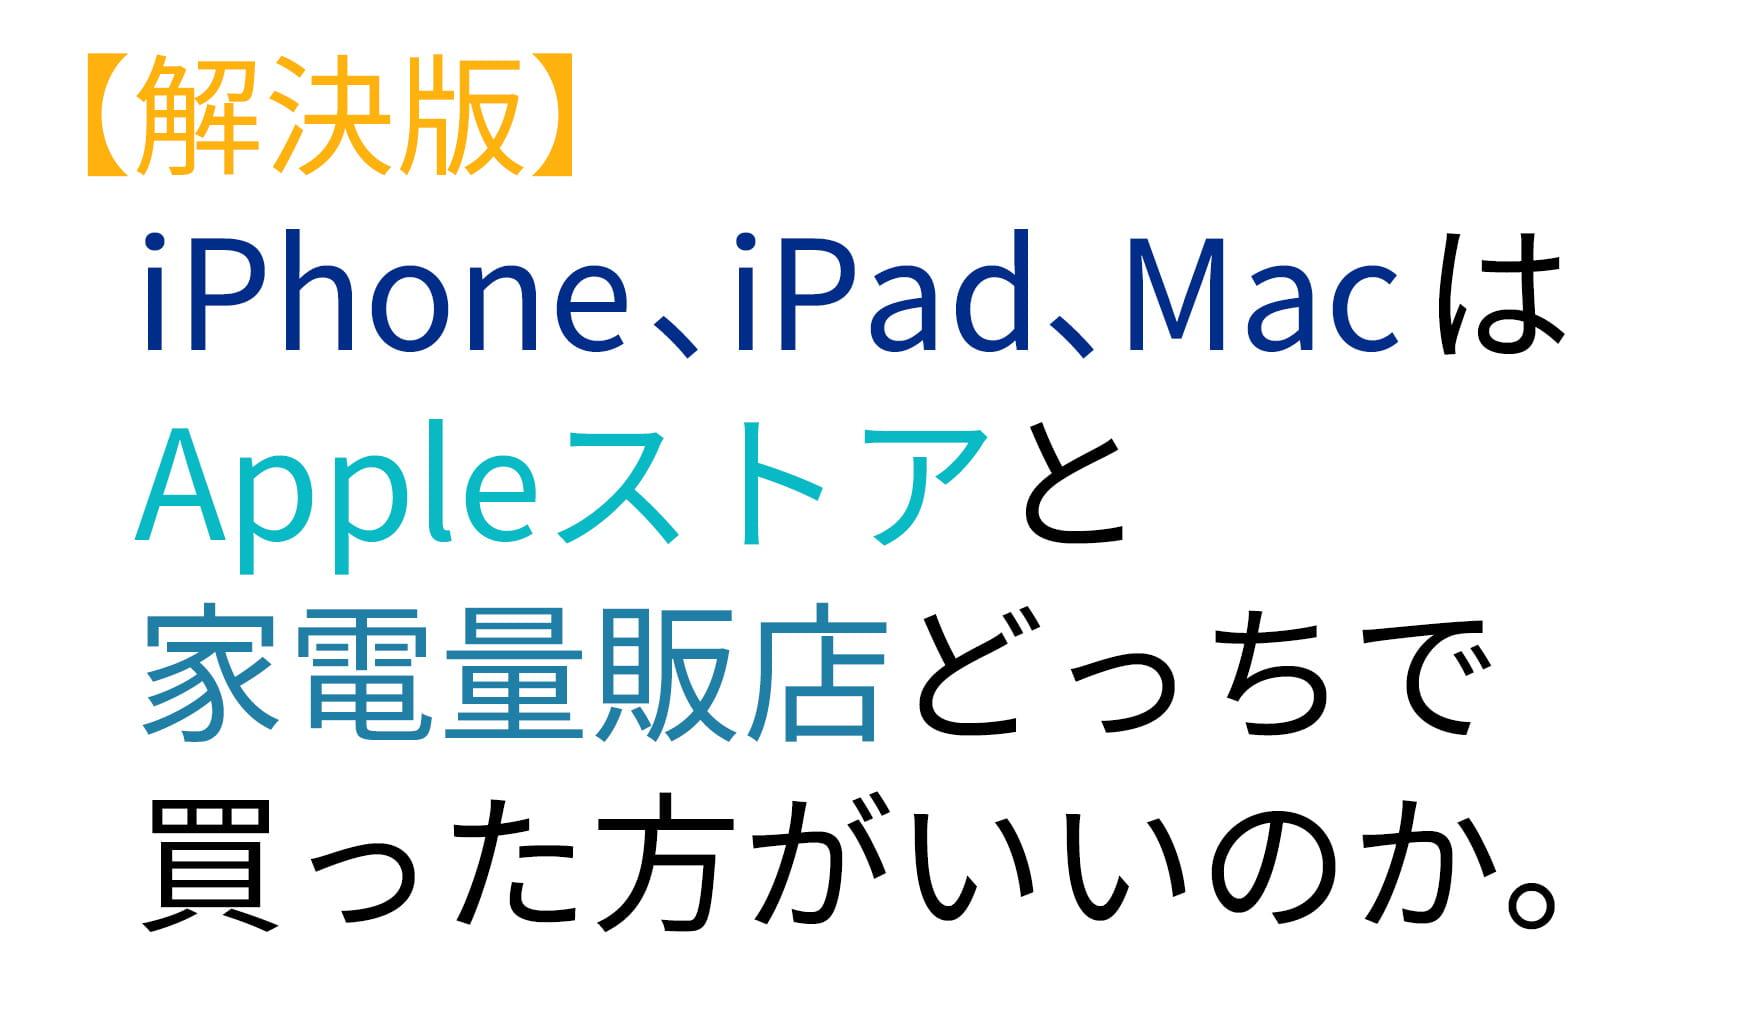 【解決版】iPhone、iPad、MacはAppleストアと家電量販店どっちで買った方がいいのか。